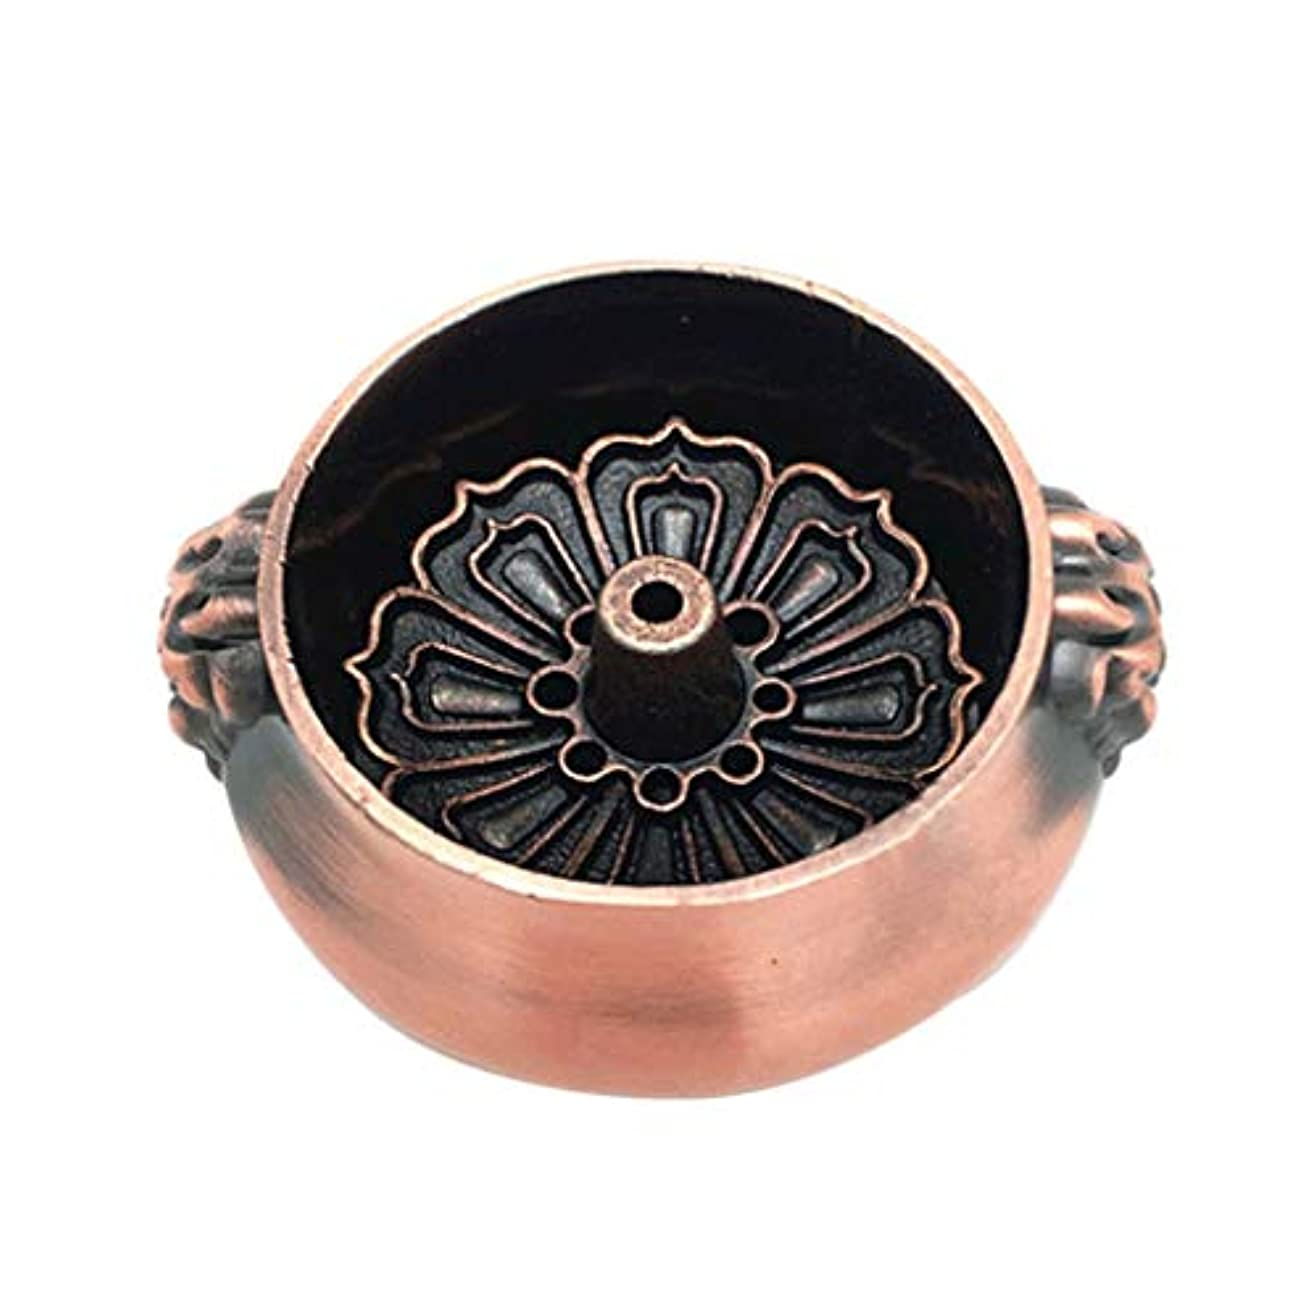 とてもパーフェルビッド再び合金香バーナー花香バーナースティックホルダーロータス形状銅香ベースプラグホームデコレーション香ホルダー (Color : Brass, サイズ : 2.36*1.06inchs)